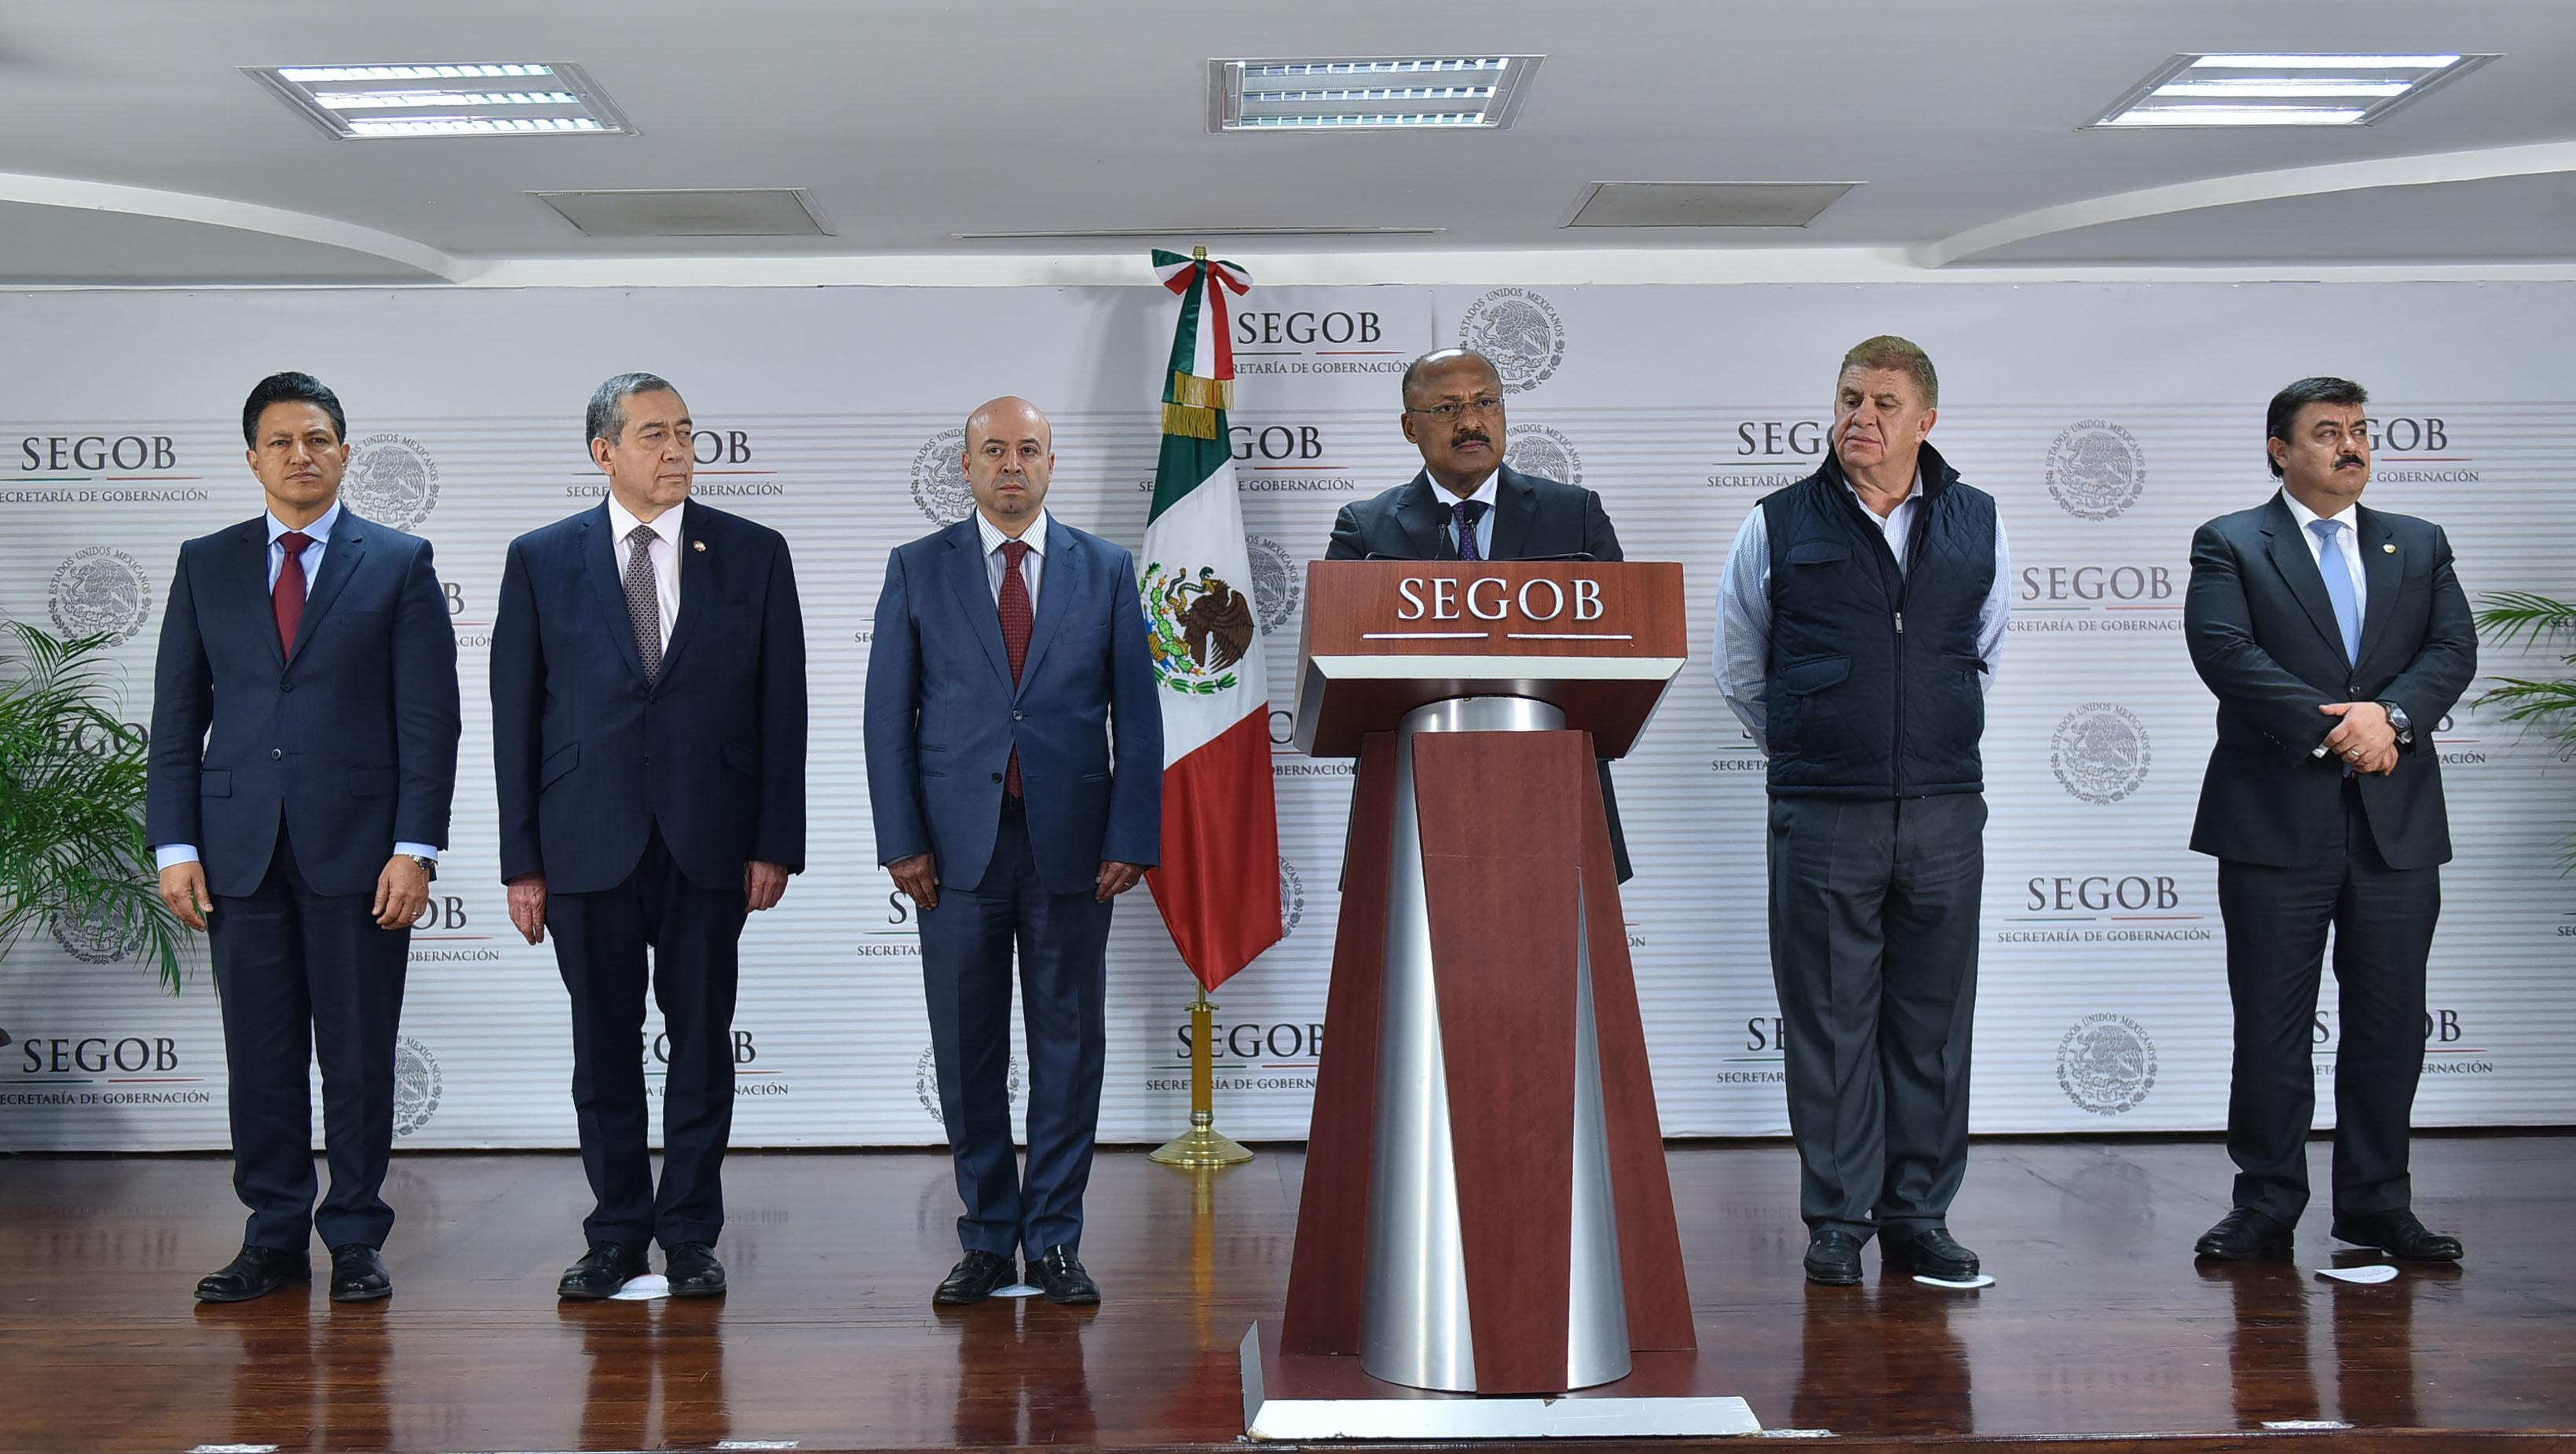 René Juárez Cisneros, Subsecretario de Gobierno, ofrece mensaje a medios